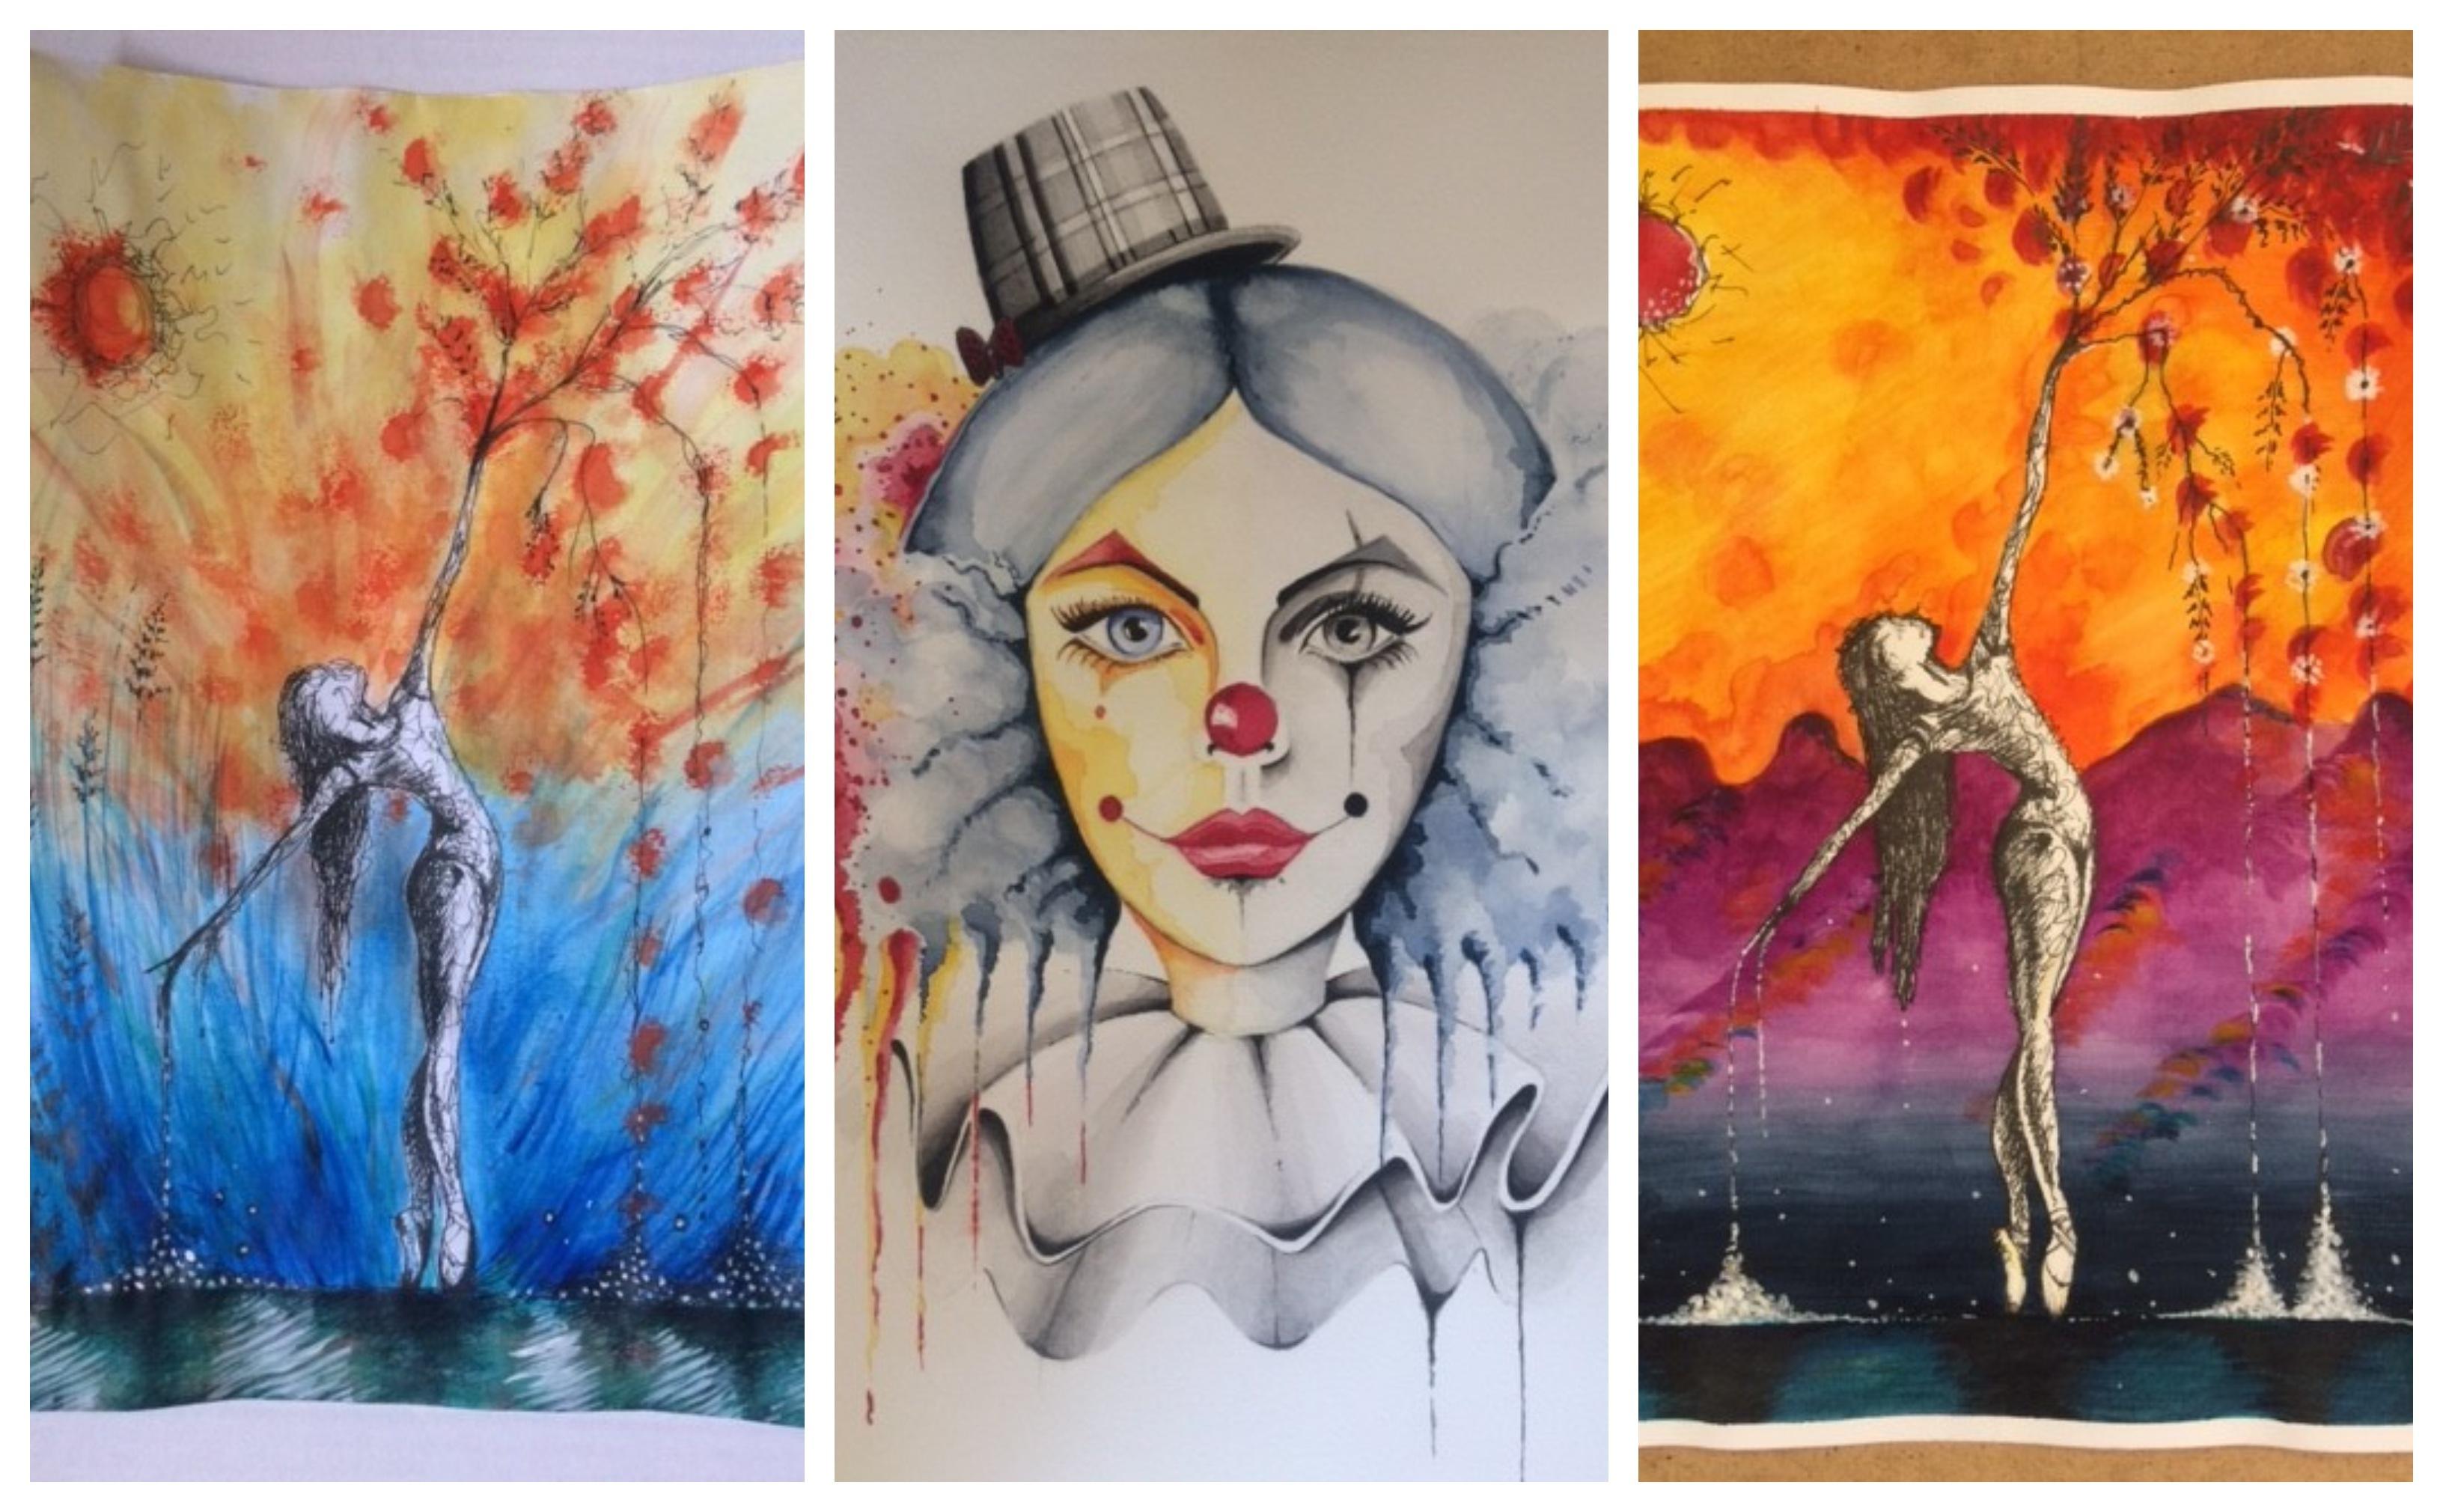 Zoe Collage 1